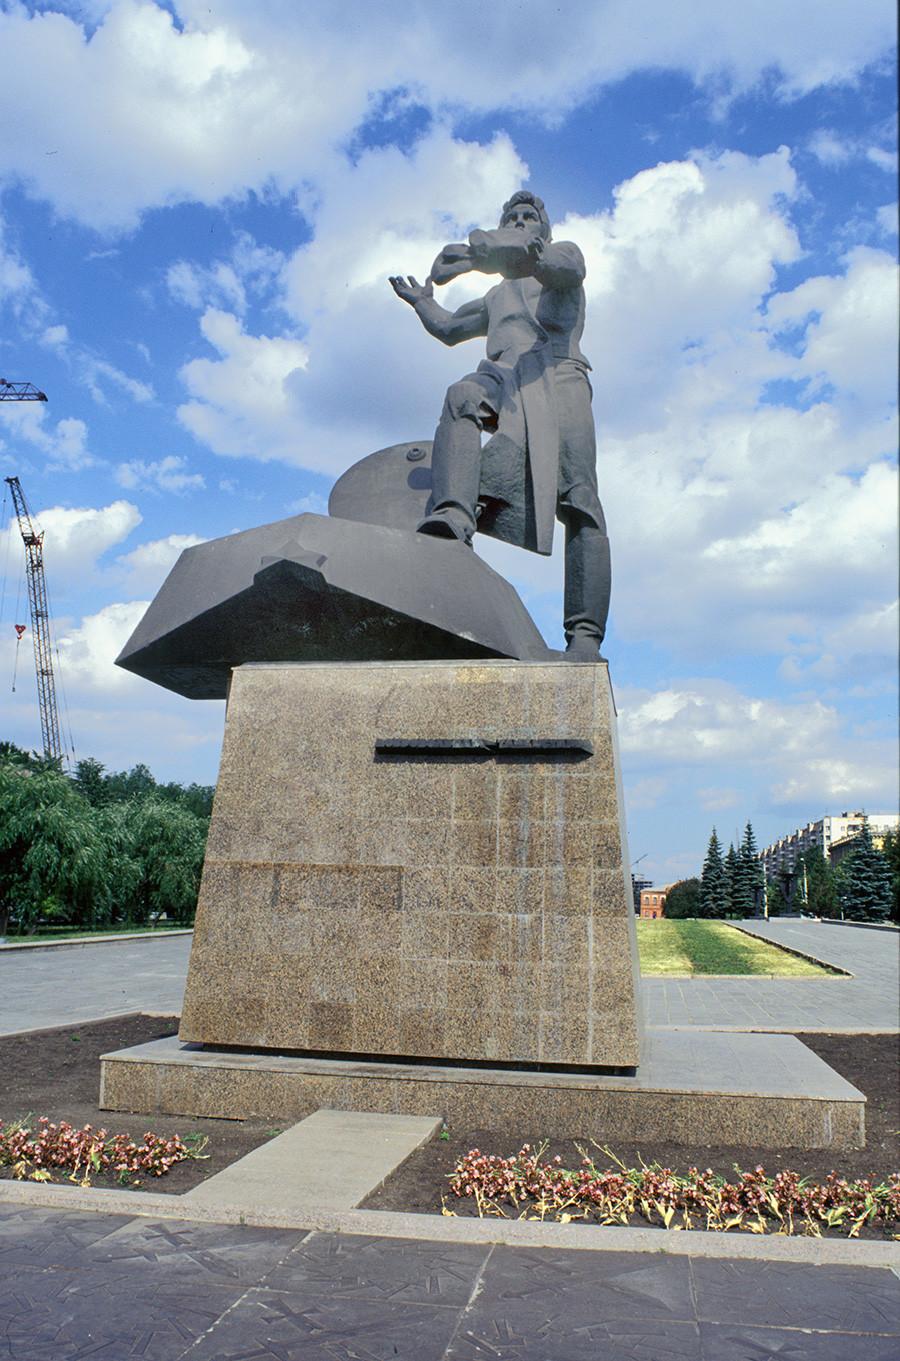 Monument aux volontaires de Tcheliabinsk qui ont rejoint le corps blindé de la Garde des volontaires de l'Oural. Formé en 1943, le corps blindé s'est battu d'Oriol à Berlin. Sculpteur: Lev Golodnitski. Inauguré en mai 1975.